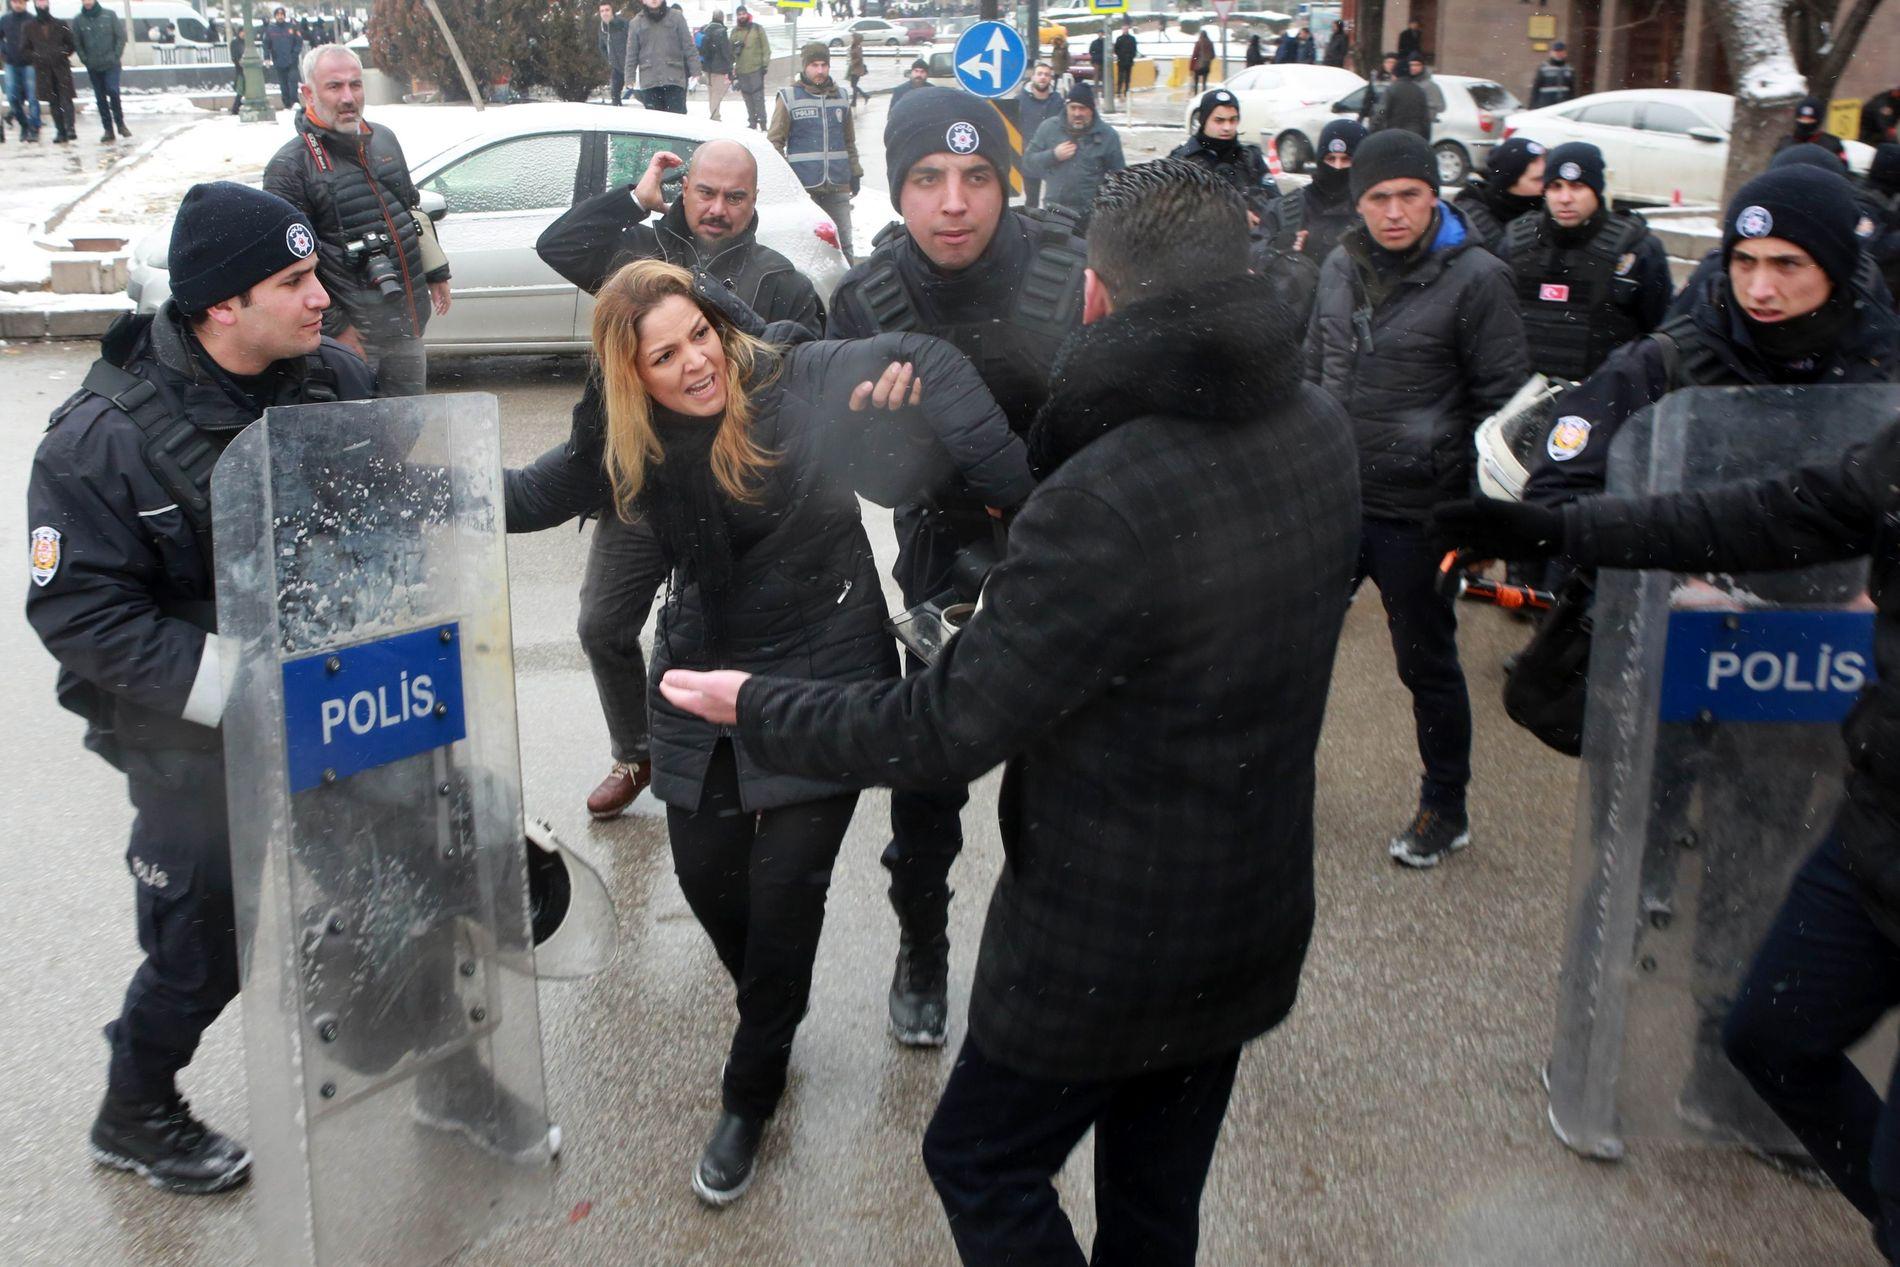 JERNRING RUNDT PARLAMENTET: Tyrkisk politi har de siste dagene hindret demonstranter fra å marsjere mot den tyrkiske nasjonalforsamlingen under behandlingen av forslaget til ny grunnlov.